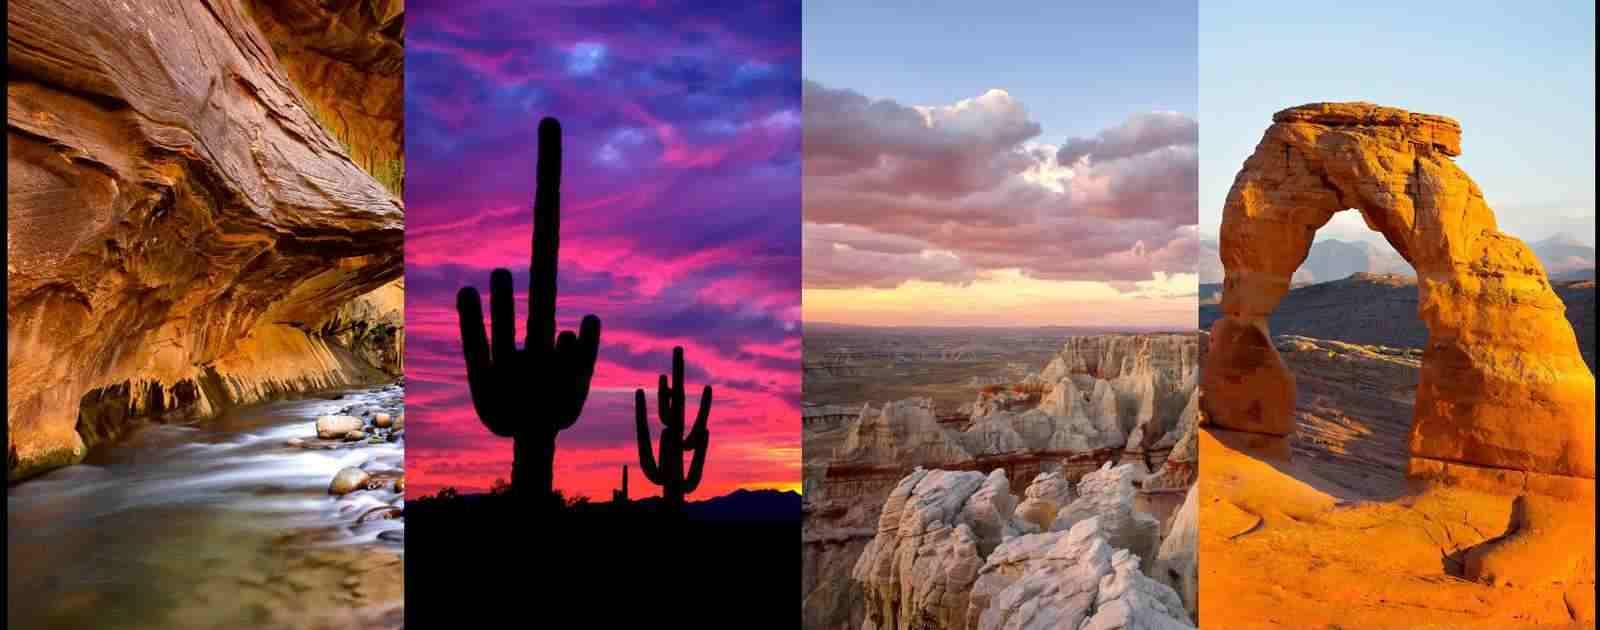 Southwest Scenery Photographs